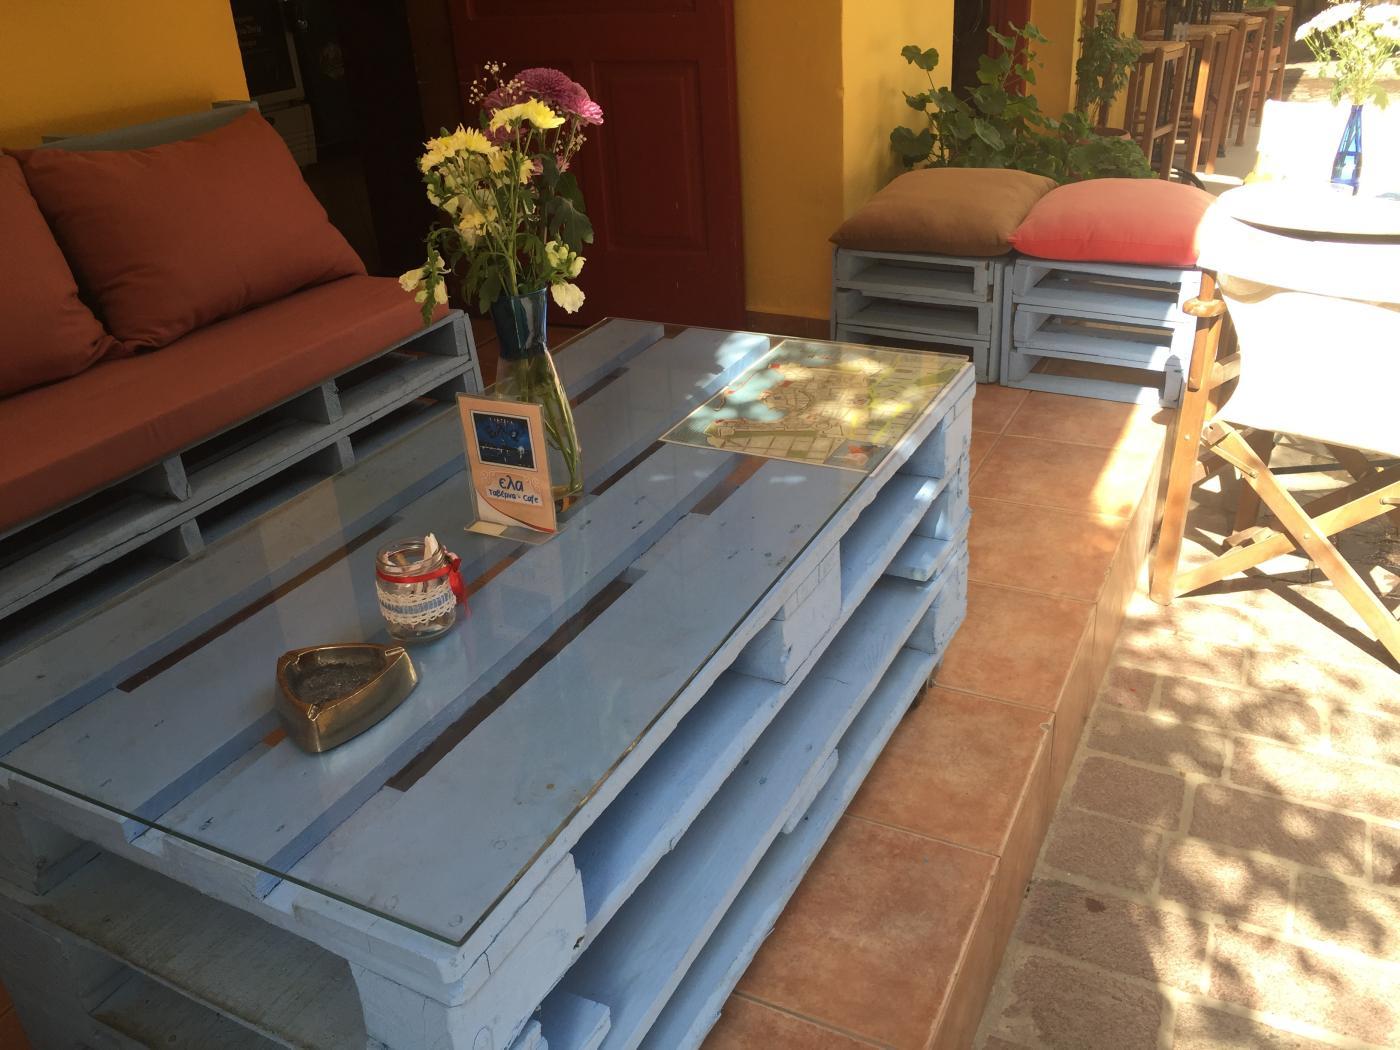 paletten-sitzecke, interessante hockerformate - palettenbett und